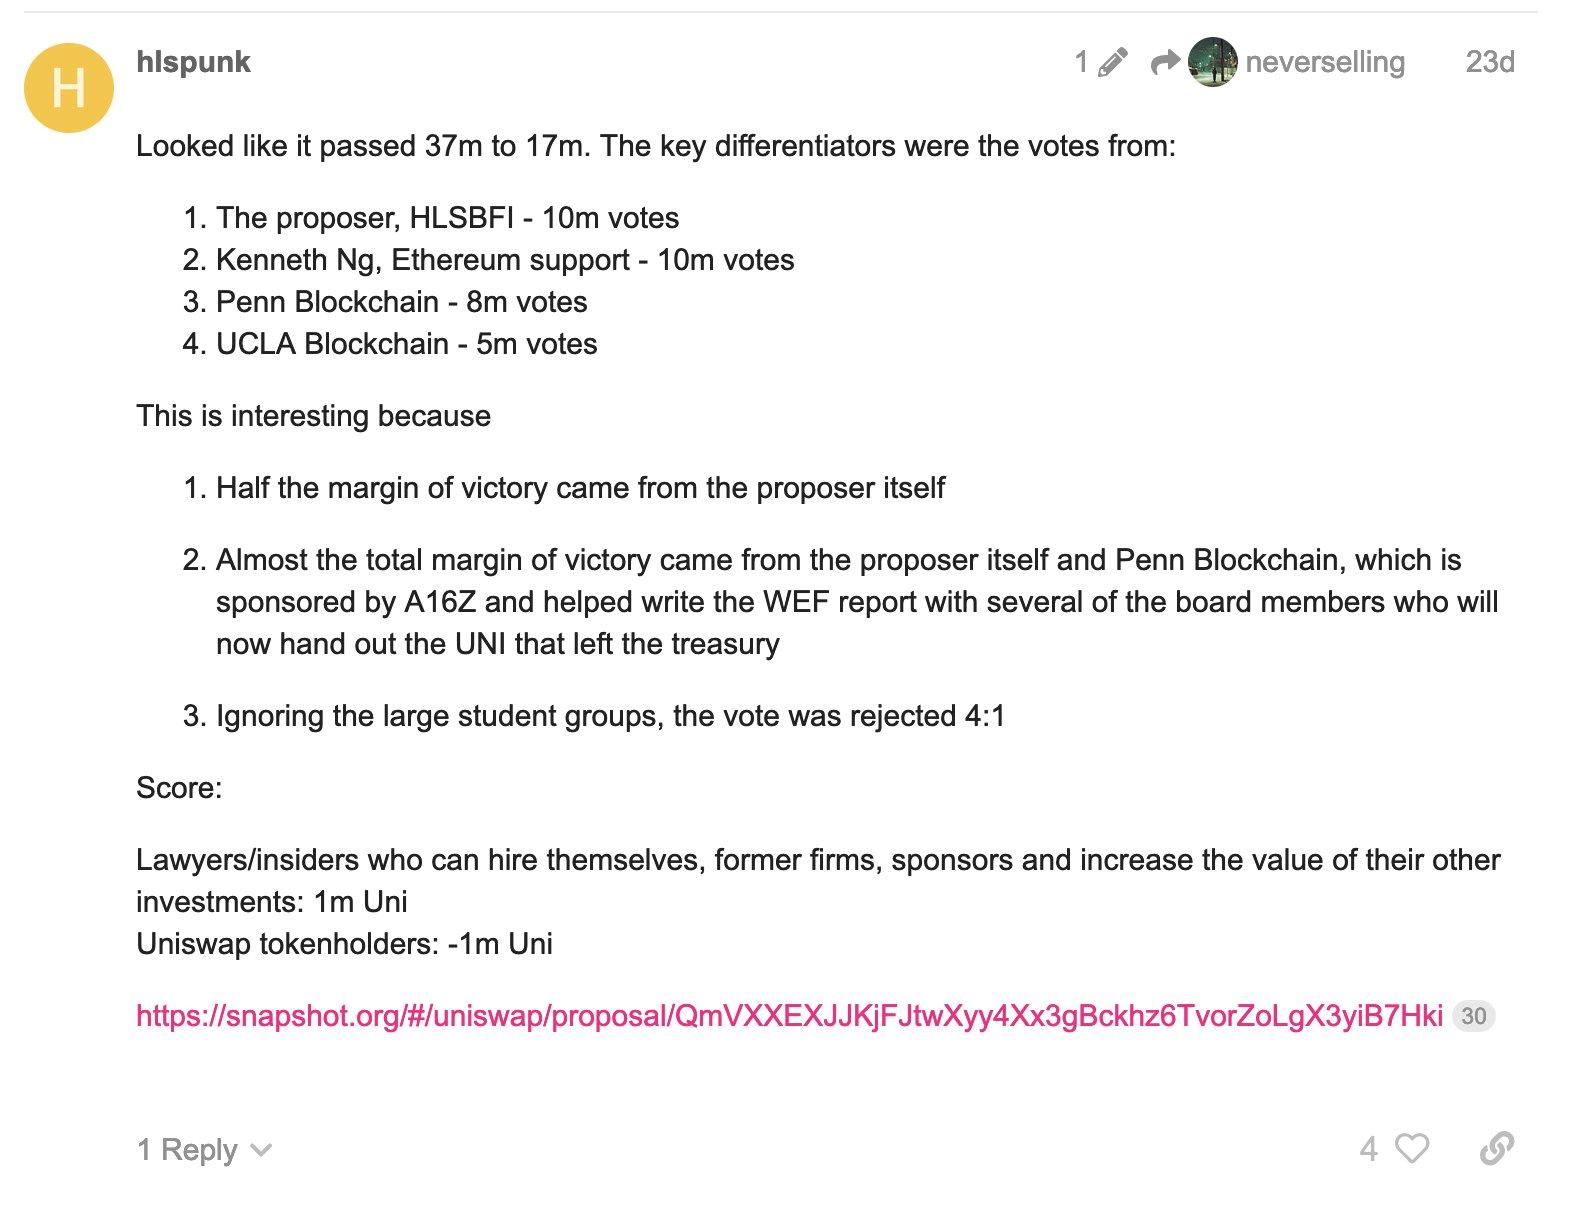 Révélations concernant la centralisation du vote pour obtenir une allocation d'1 million de jetons UNI